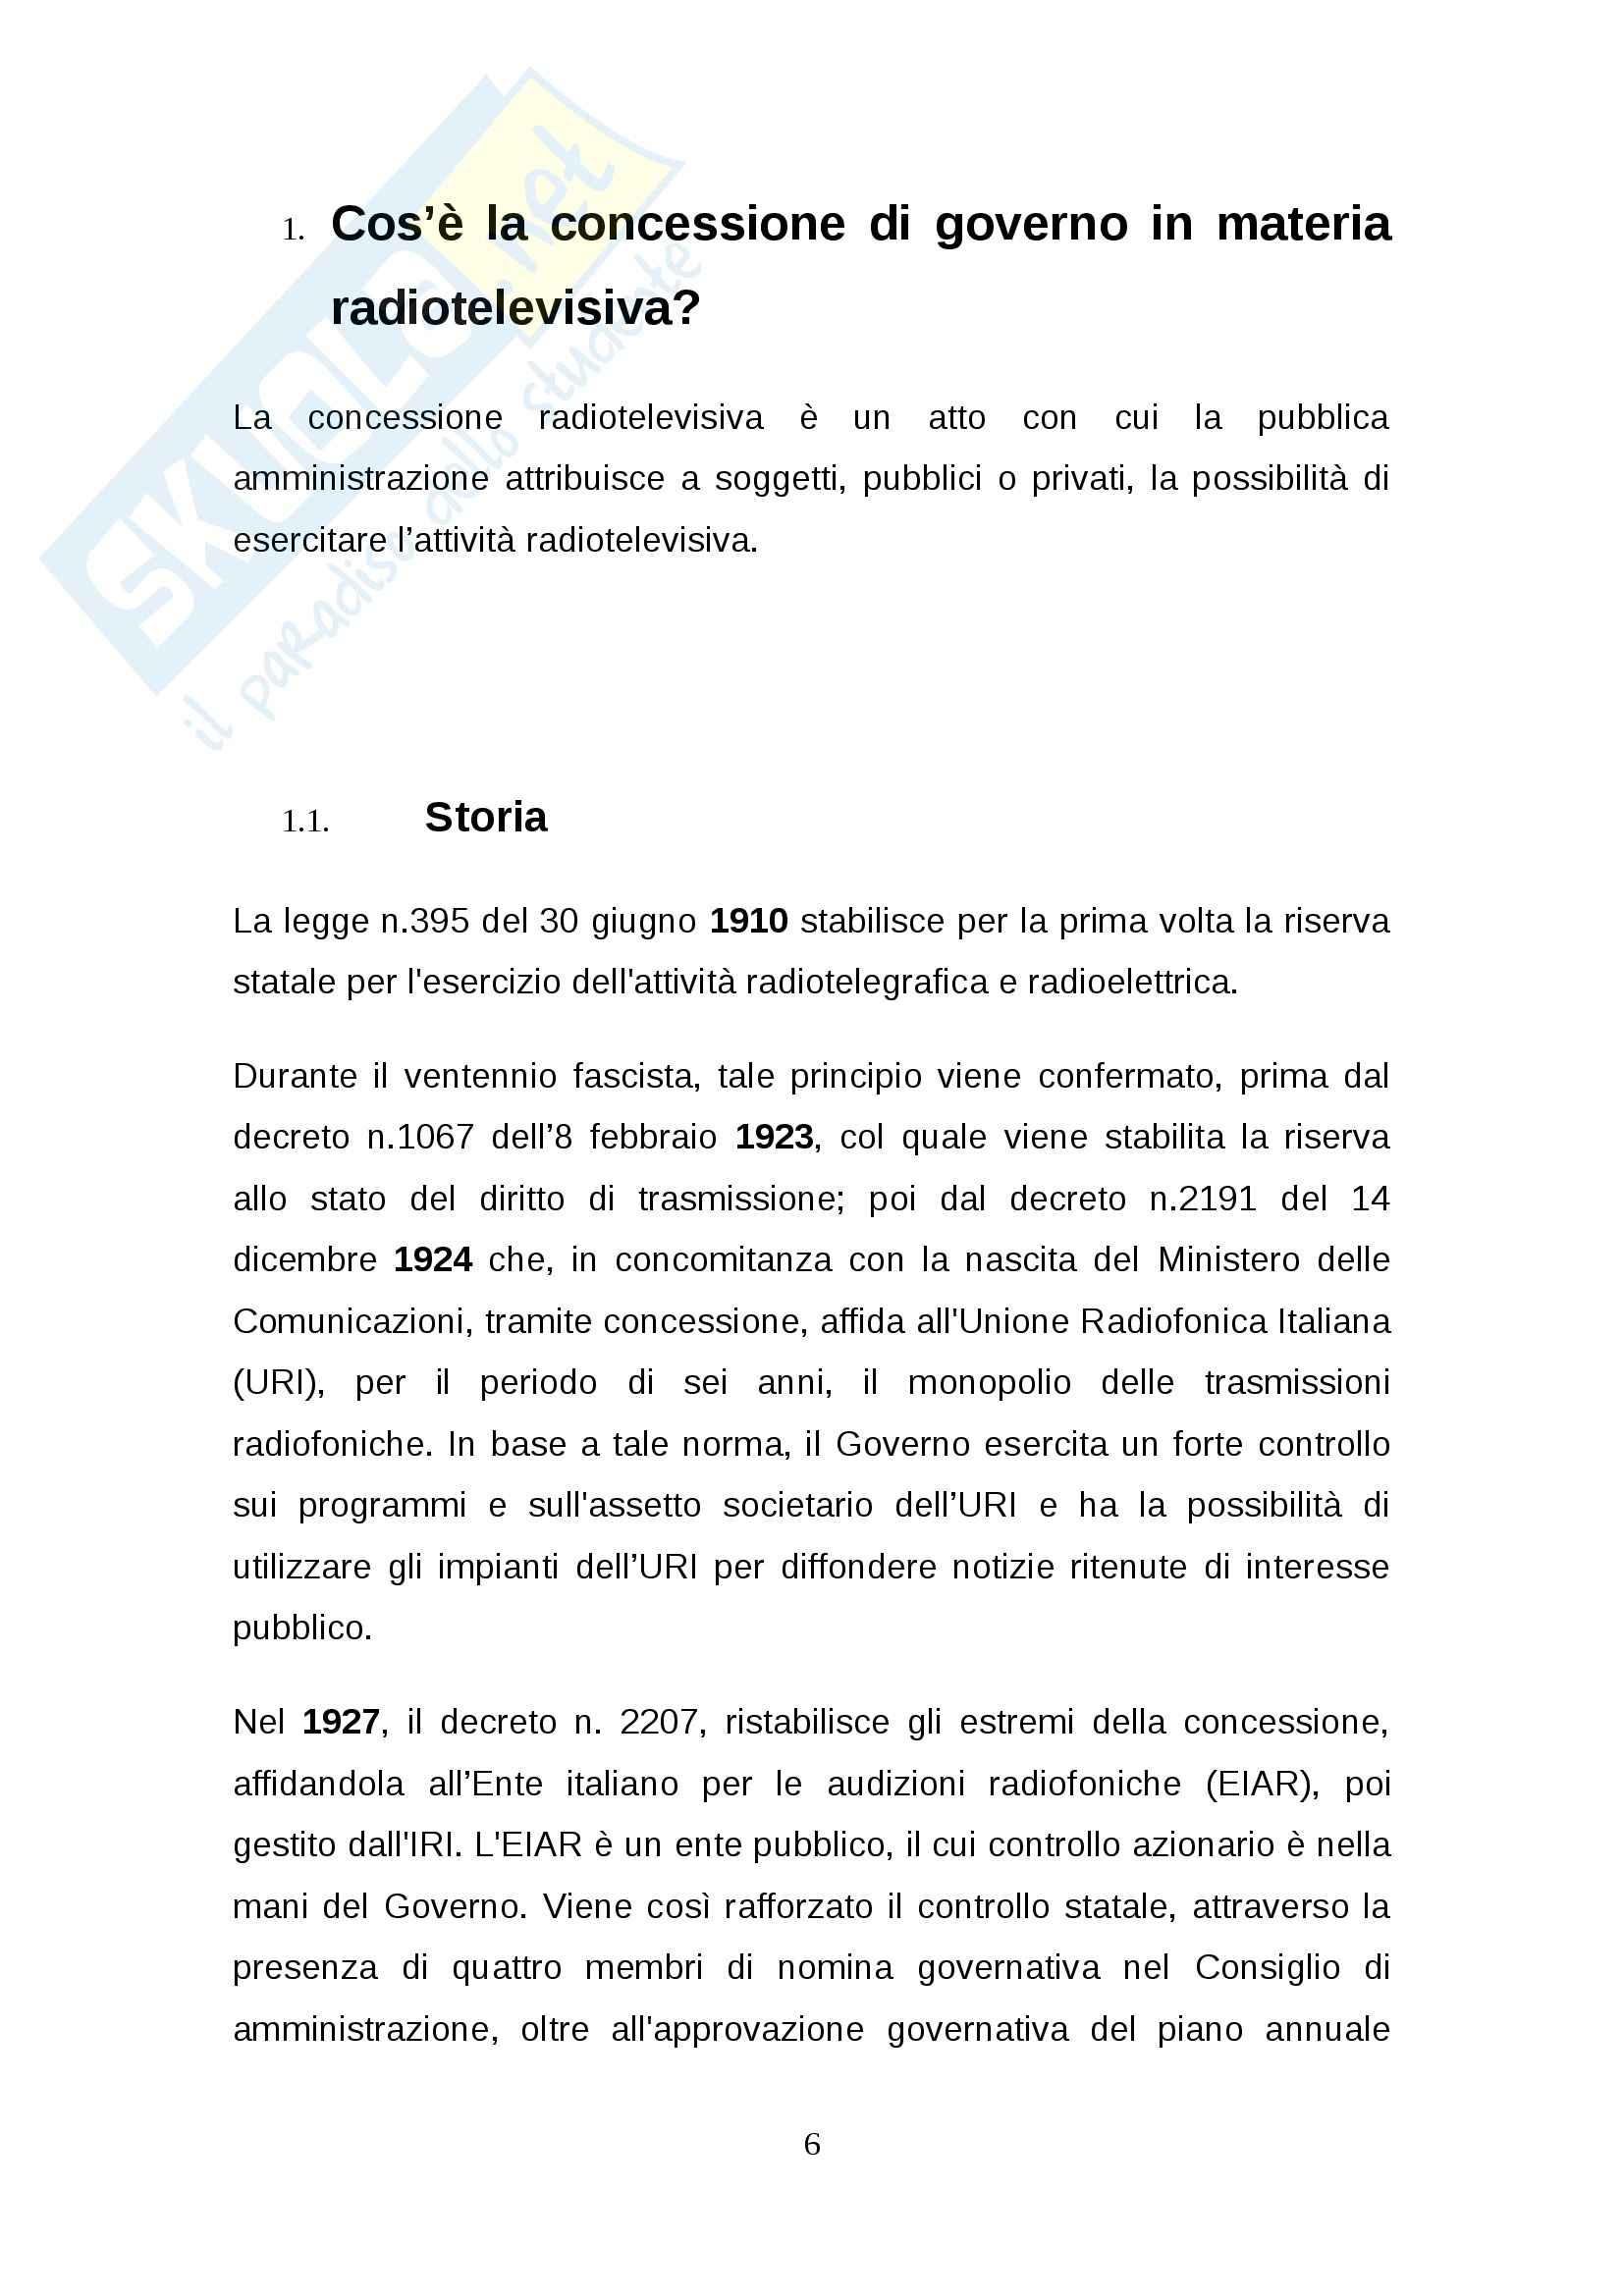 Tesi: Rinnovo della concessione pubblica Stato-RAI: regole e dibattito Pag. 6